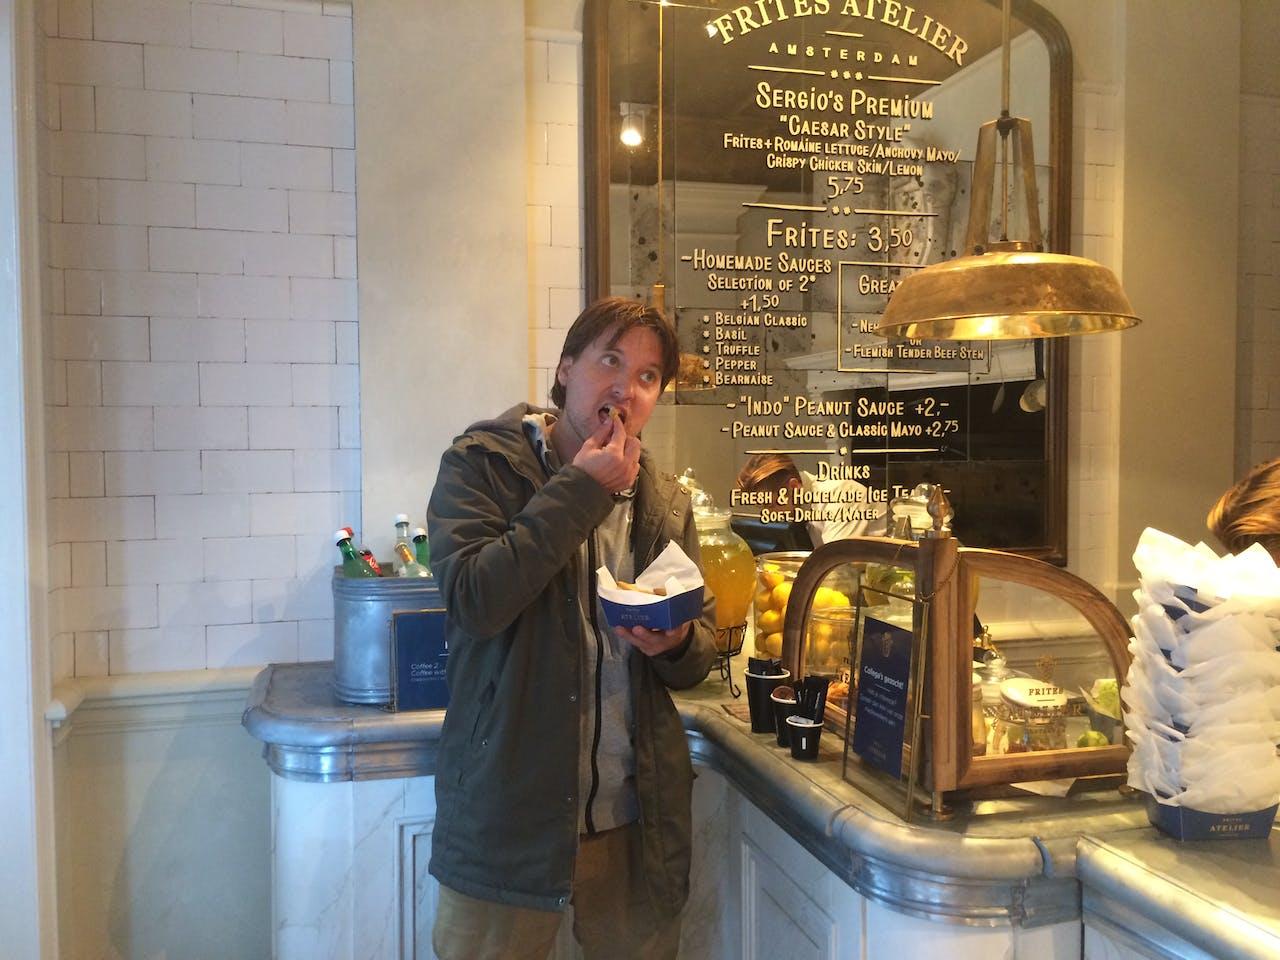 Verslaggever Thomas Schuurman probeert de 'Frites Peanut Sauce & Classic Mayo'.